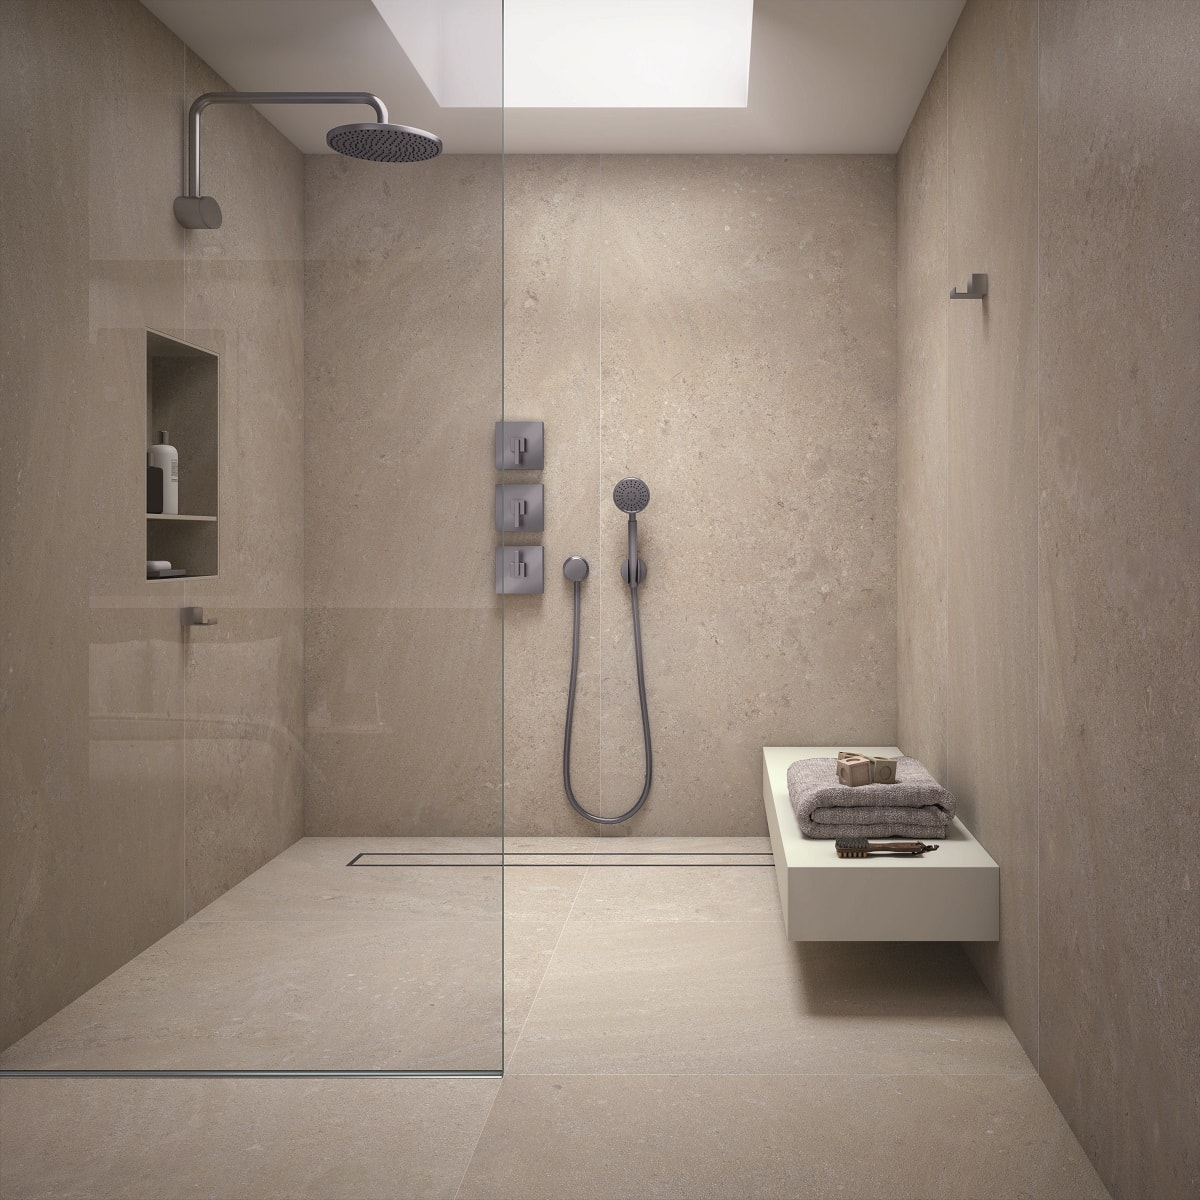 Panneaux Muraux Pour Votre Salle De Bain & Espaces De Douche intérieur Panneau Composite Salle De Bain